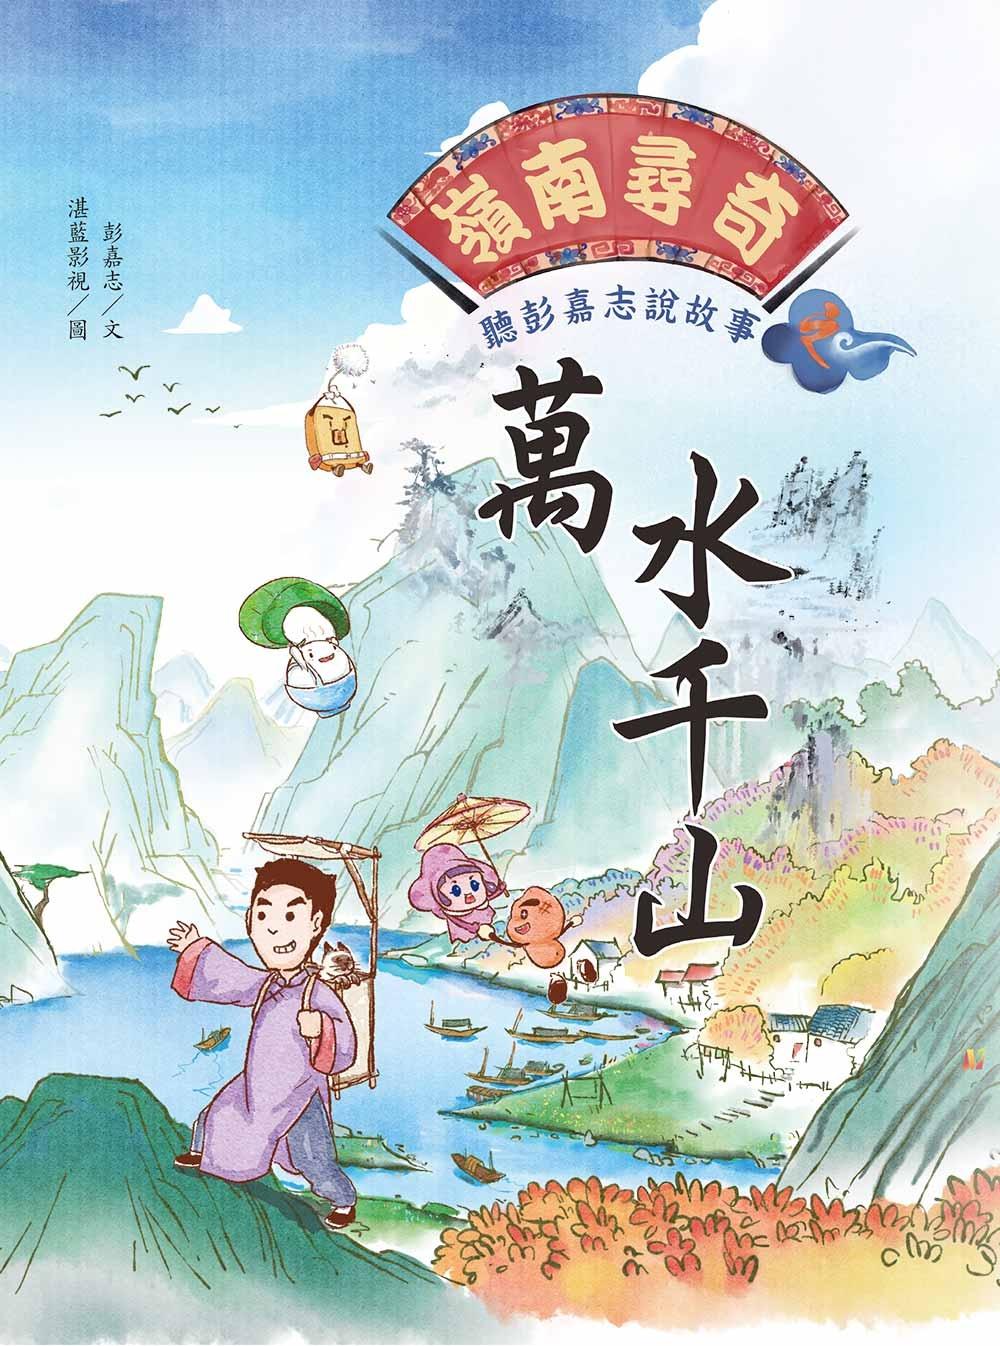 嶺南尋奇:聽彭嘉志說故事之萬水千山